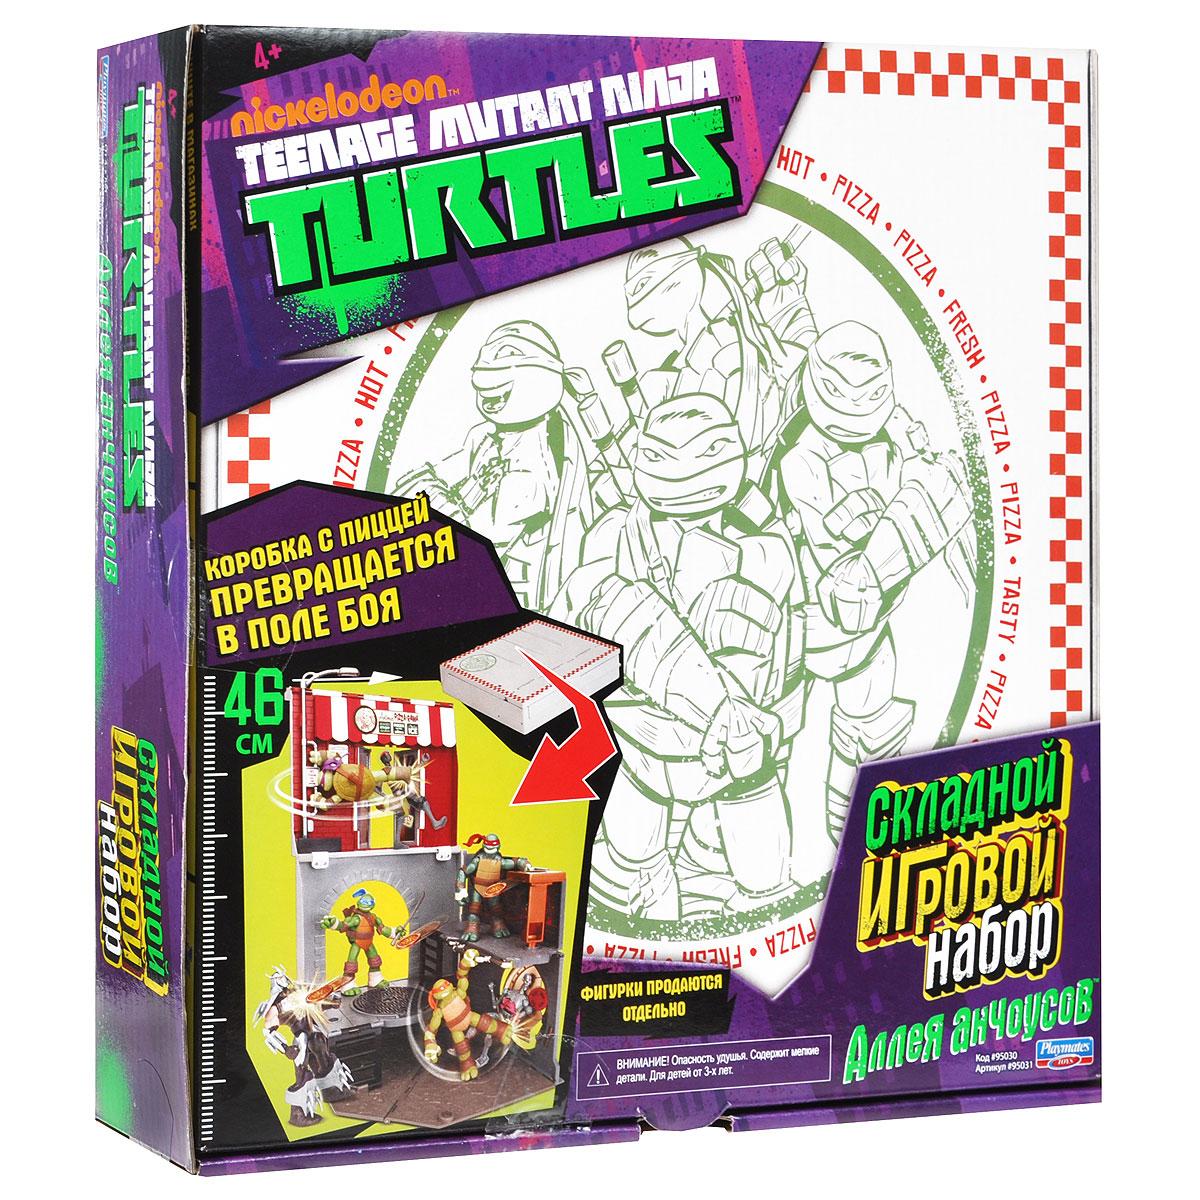 Игровой набор Turtles Анчоусная аллея95031Черепашки-Ниндзя обожают подкрепиться пиццей перед опасными миссиями! Игровой набор Turtles Анчоусная аллея представляет собой коробку с любимым лакомством черепашек. Если раскрыть коробку, она трансформируется в небольшую пиццерию, являющуюся полем боя с различными секретными ловушками. На поле боя есть потайной люк, который скидывает злодеев вниз, специальный поручень на фонарном столбе, держась за который Черепашка может произвести удар ногами. На боковой стенке имеется крышка канализационного люка, которая подвижна и состоит из двух частей, что позволит скинуть врага в канализацию. Столик для клиентов также является установкой для запуска дисков в виде пиццы. В комплекте игры: коробка-трансформер, четыре диска в форме пиццы, наклейки для декорирования и схематичная инструкция по сборке на русском языке.